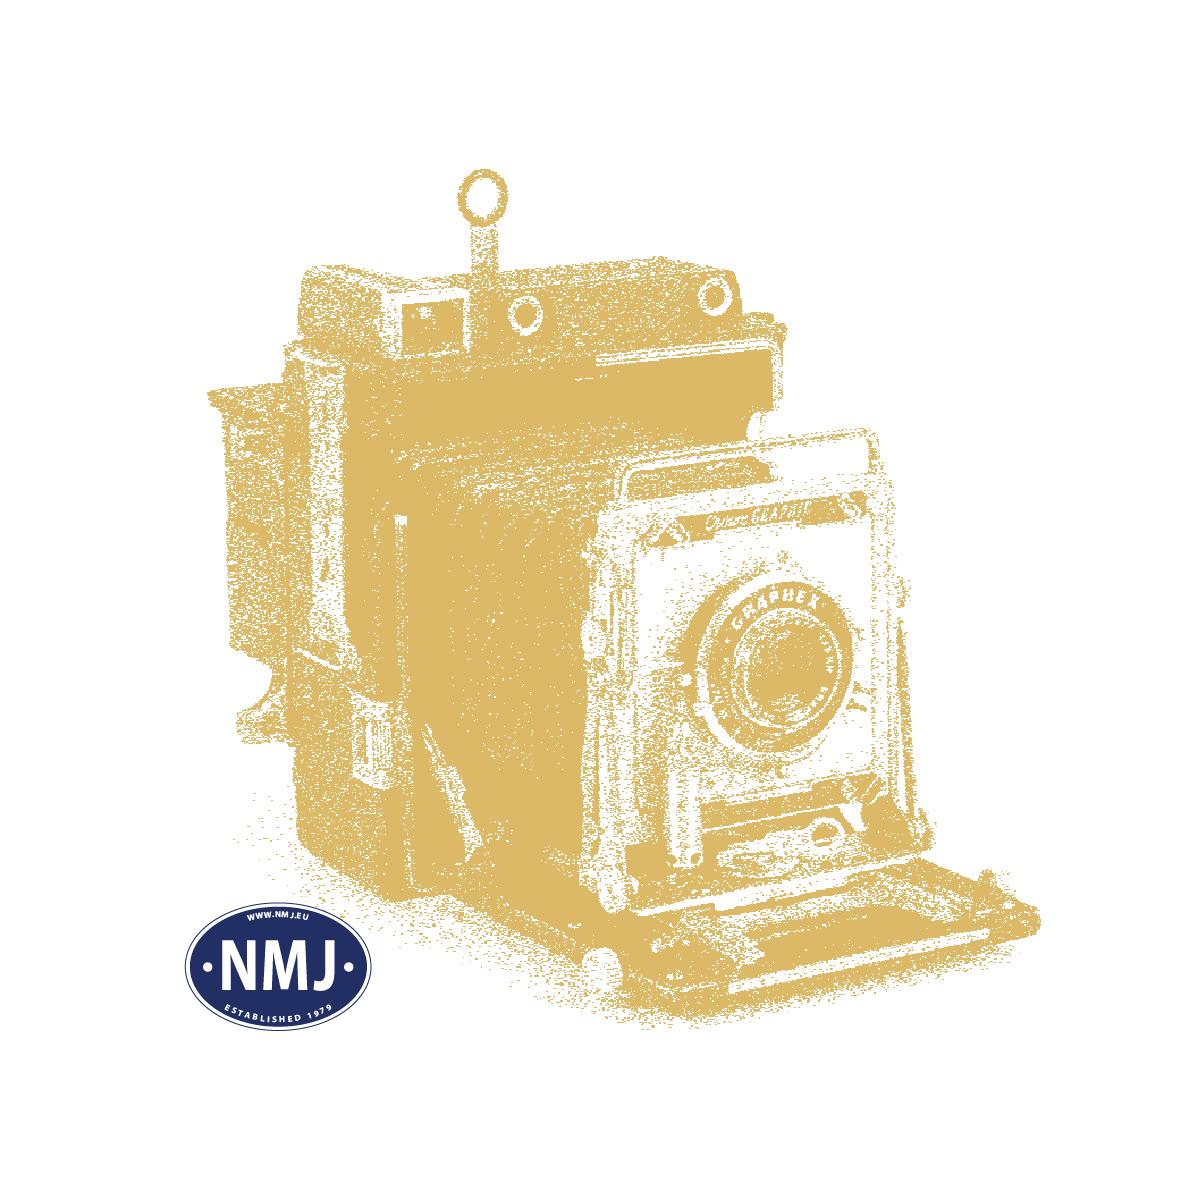 NMJT245001 - NMJ Topline NSB DI3.602 Green, 0-Skale, DCC w/ Sound